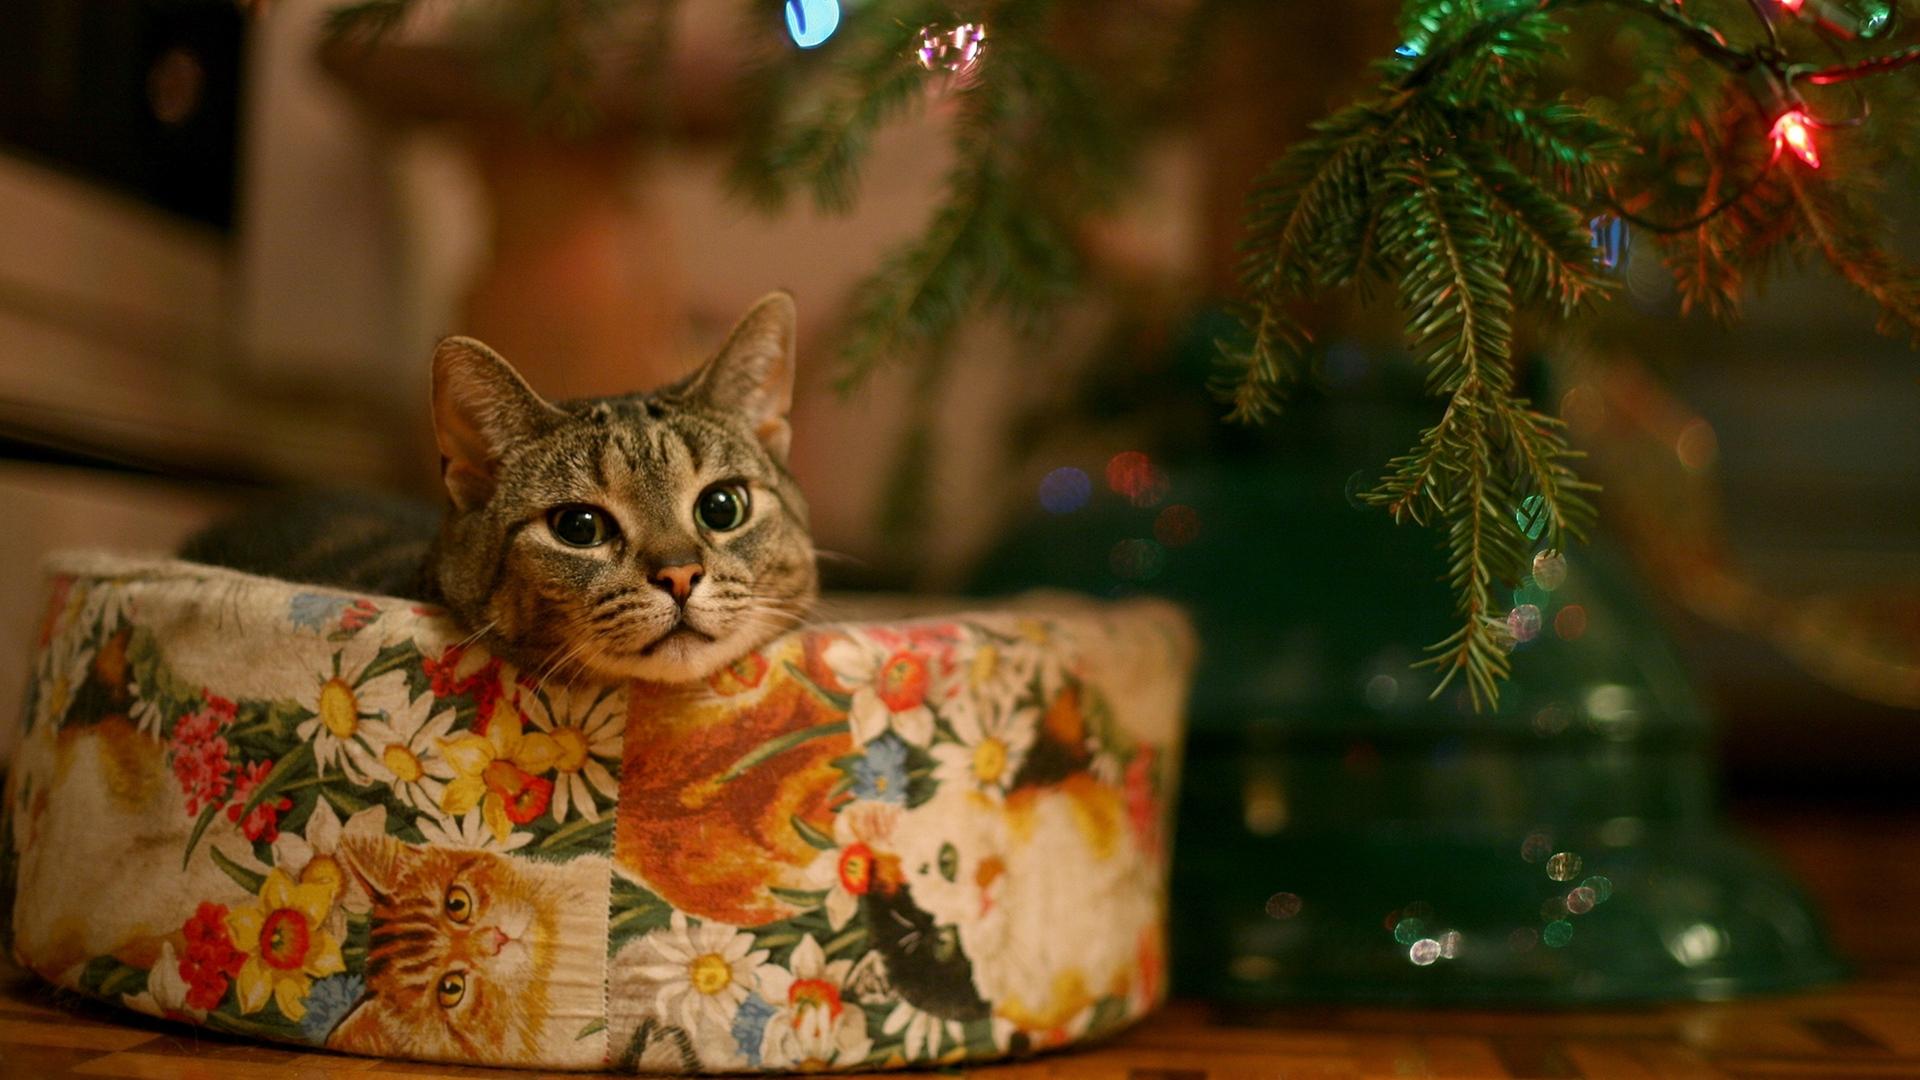 Tổng hợp những hình ảnh mèo đáng yêu đẹp nhất